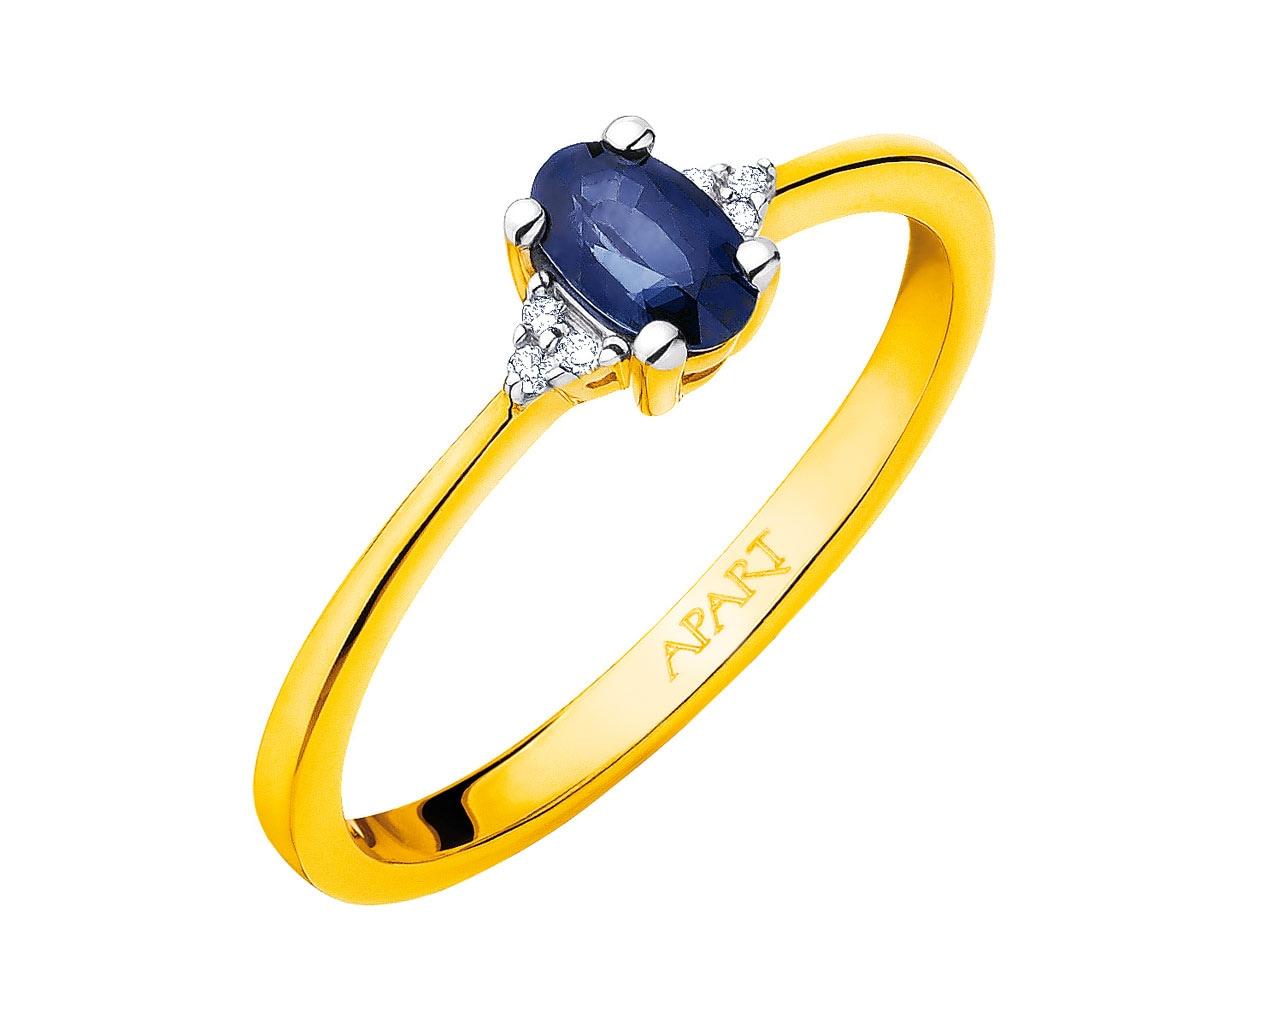 65660a3233bde8 Pierścionek z żółtego złota z diamentami i szafirem - wzór 103.449 / Apart